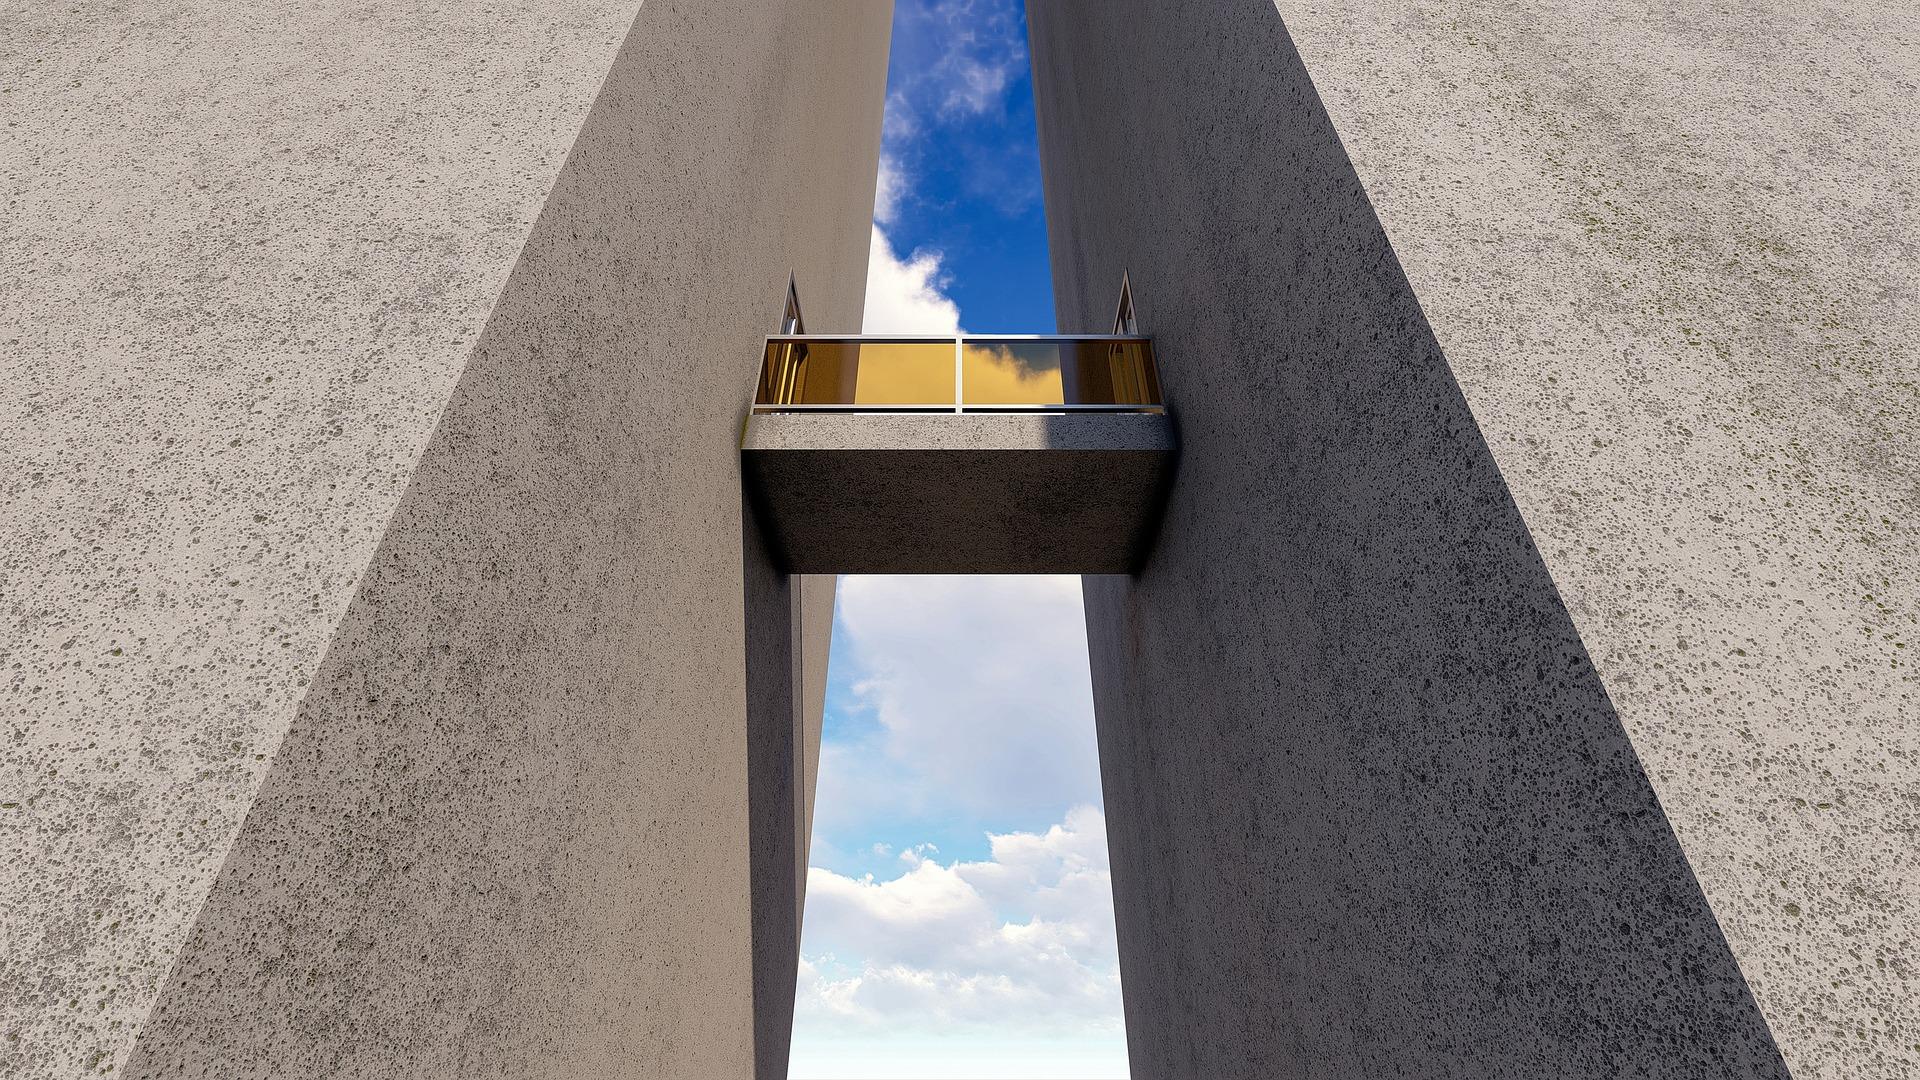 erkély két épület között